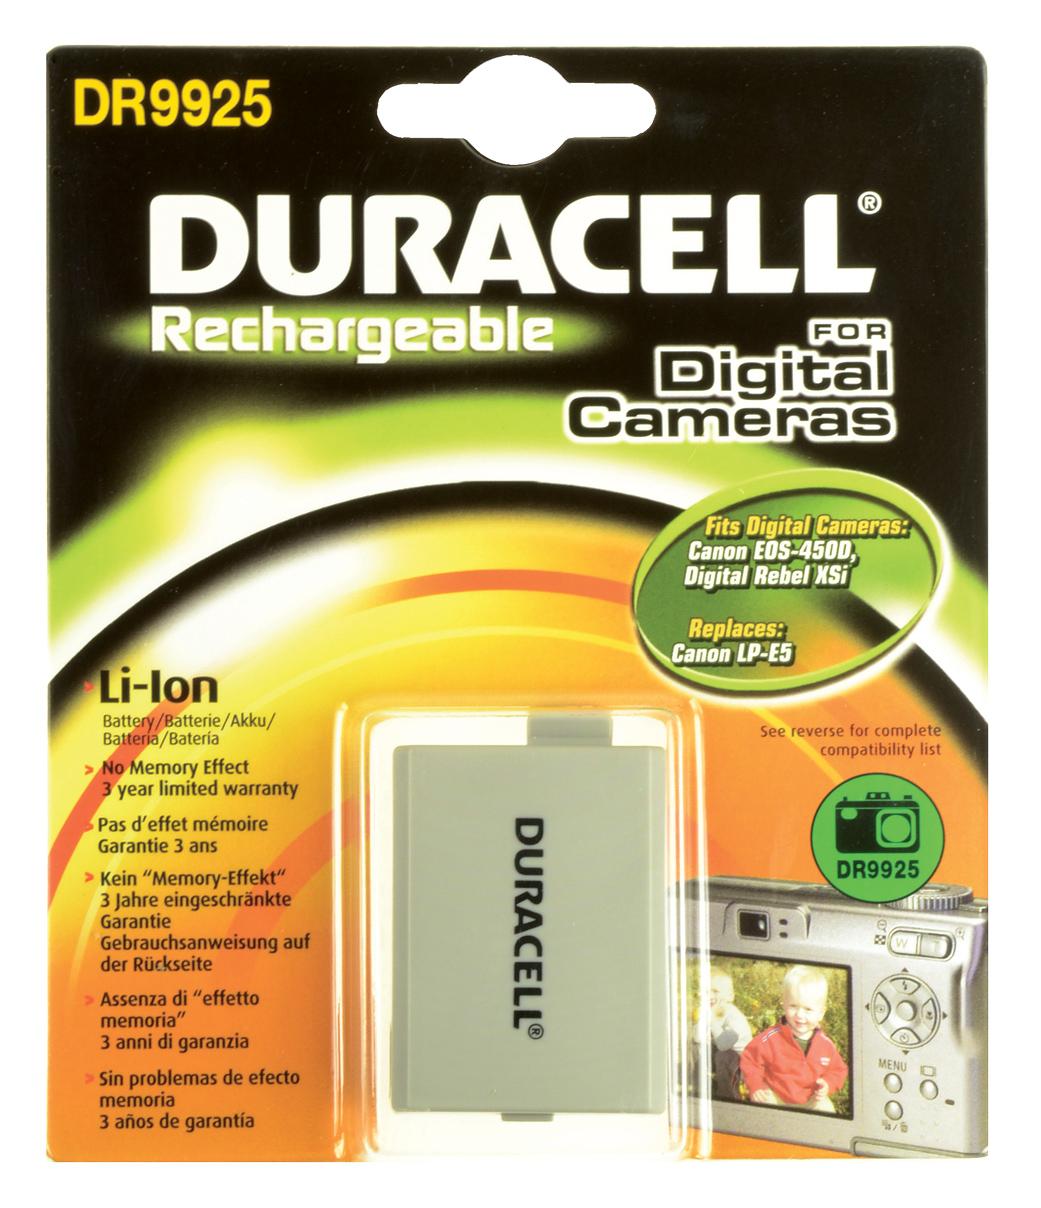 Baterie do fotoaparátu Canon EOS Rebel Xsi/Rebel XS, 950mAh, 7.4V, DR9925, blistr